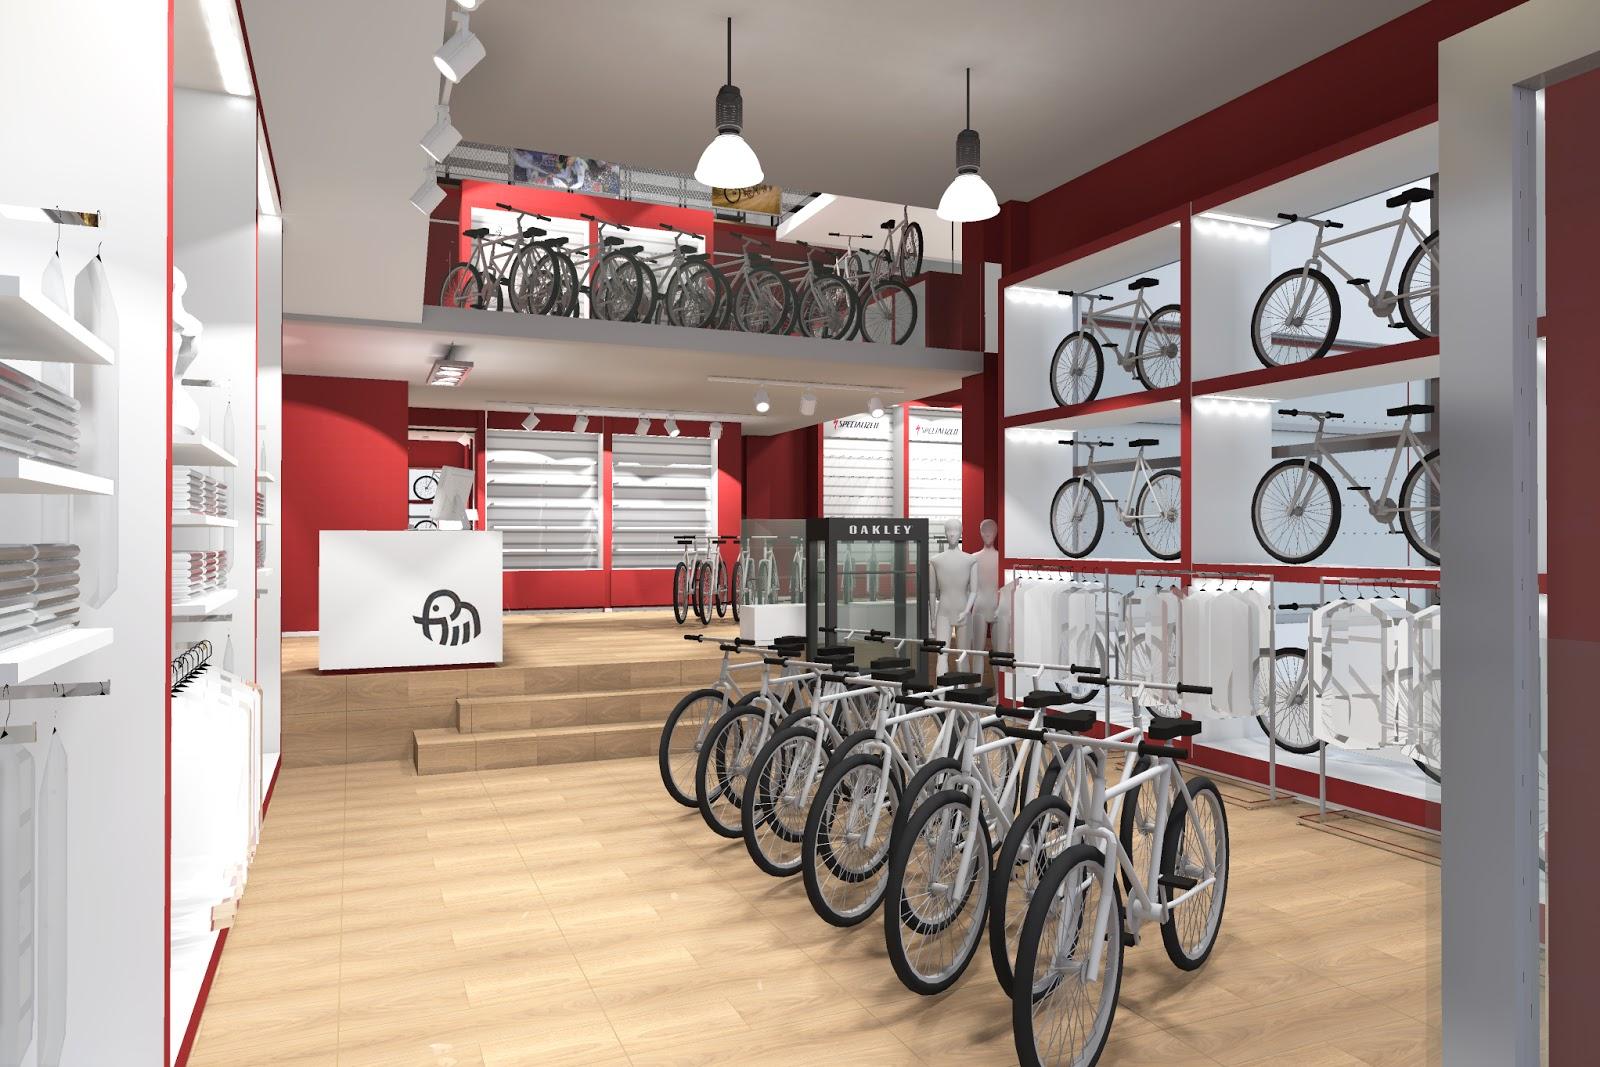 Inshop interiores comerciales tienda de bicicletas for Oficina de correos las rozas